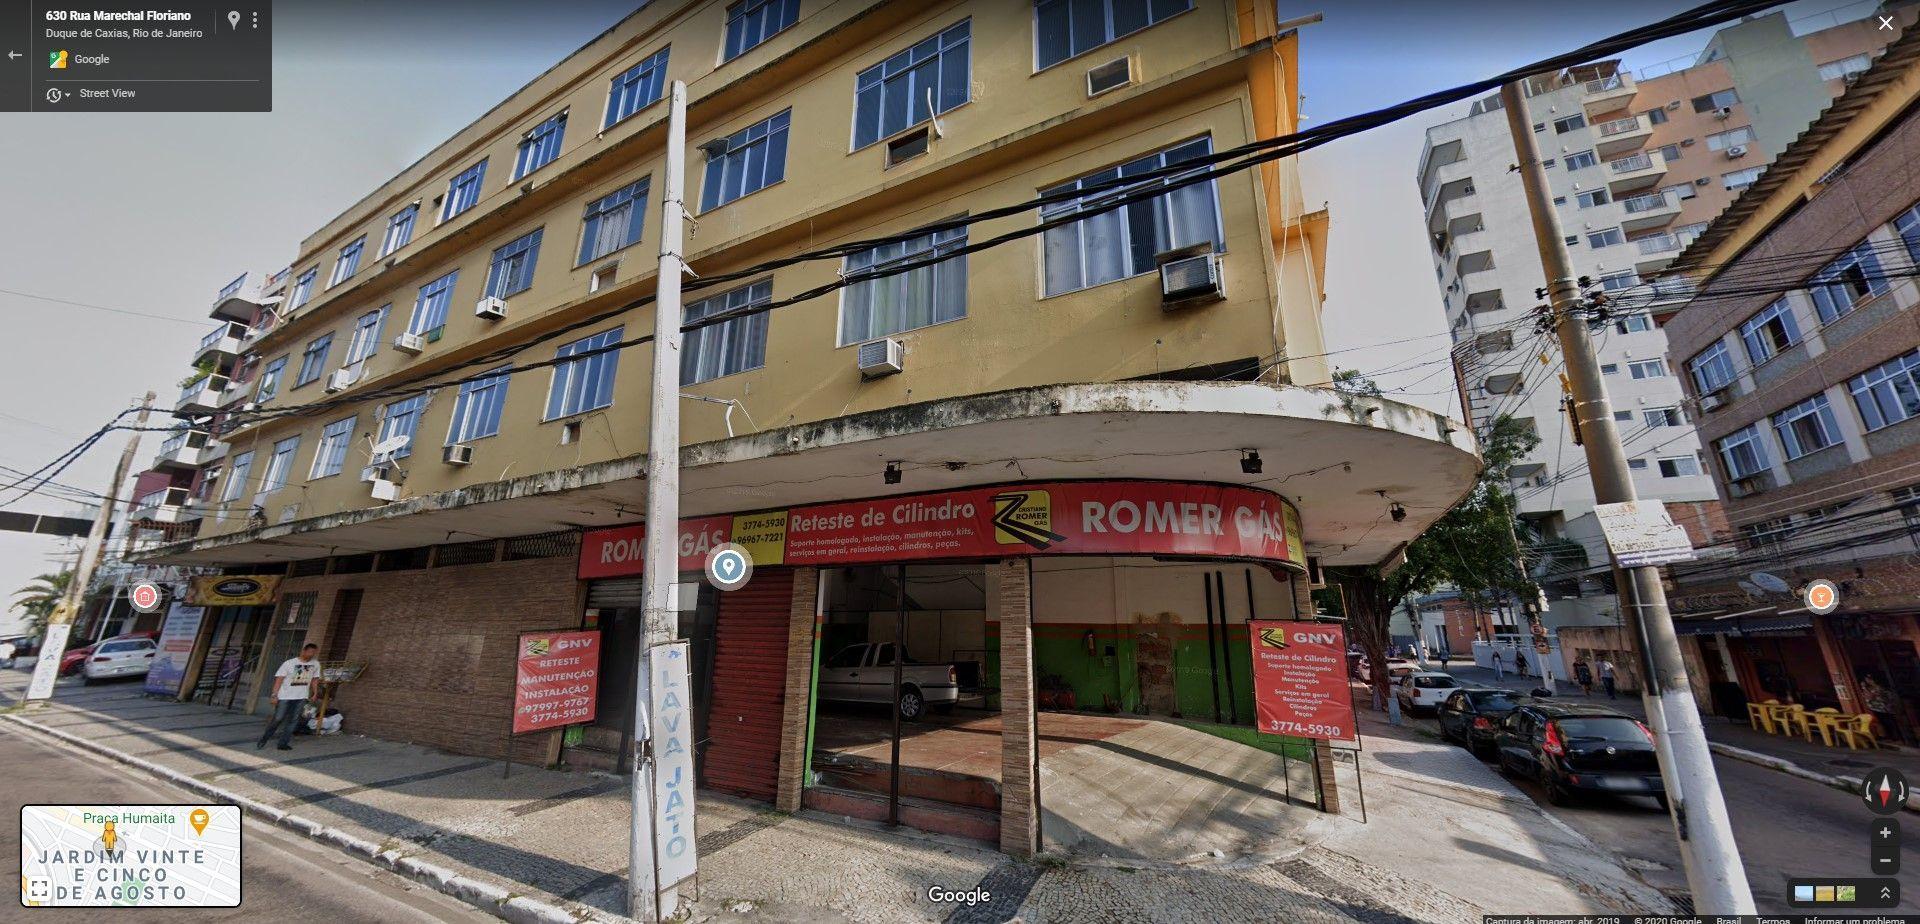 Imóvel comercial à venda  no Jardim Vinte e Cinco de Agosto - Duque de Caxias, RJ. Imóveis